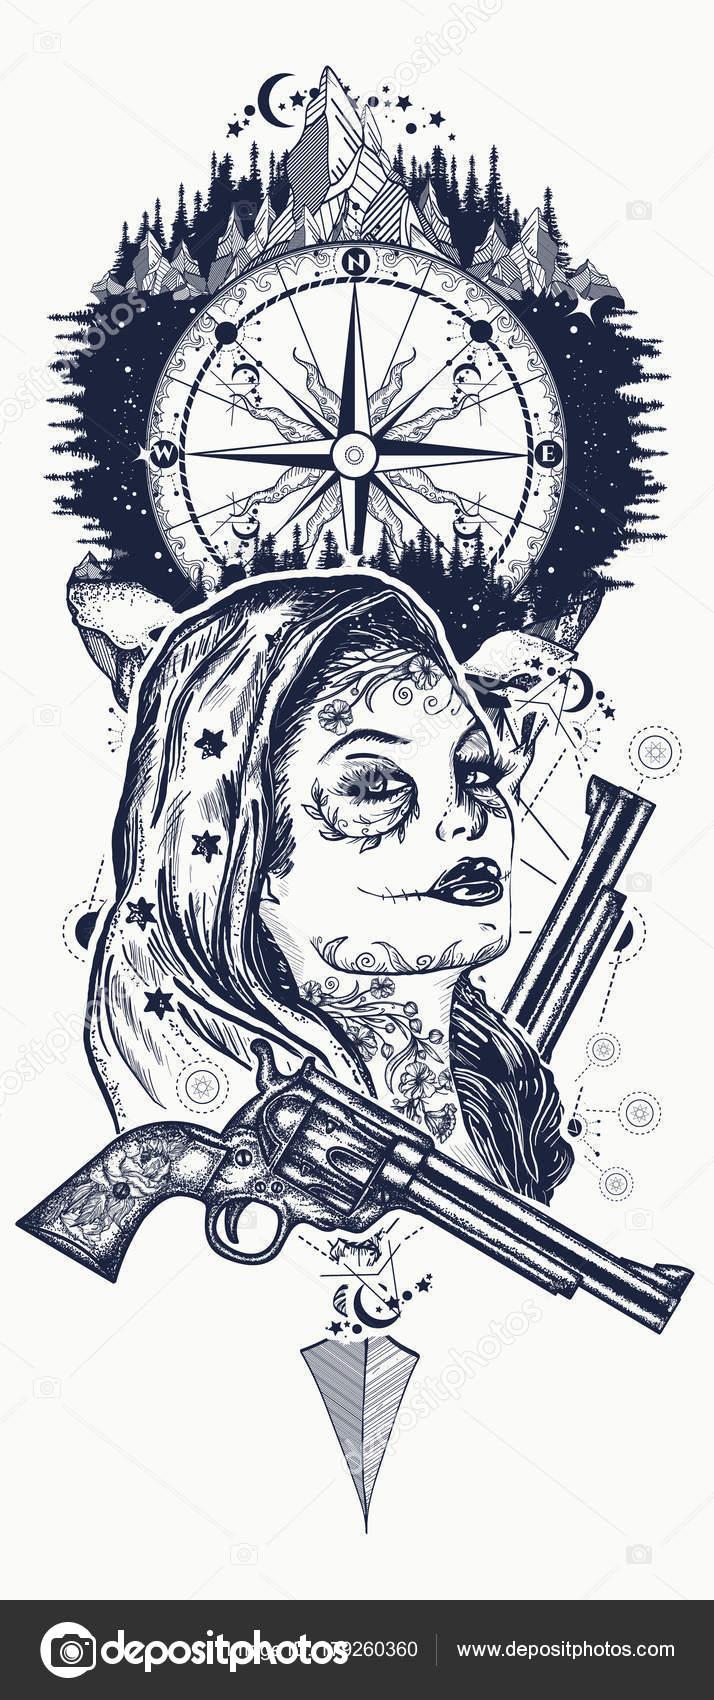 Meksykański Karnego T Shirt I Sztuki Tatuażu Dzikim